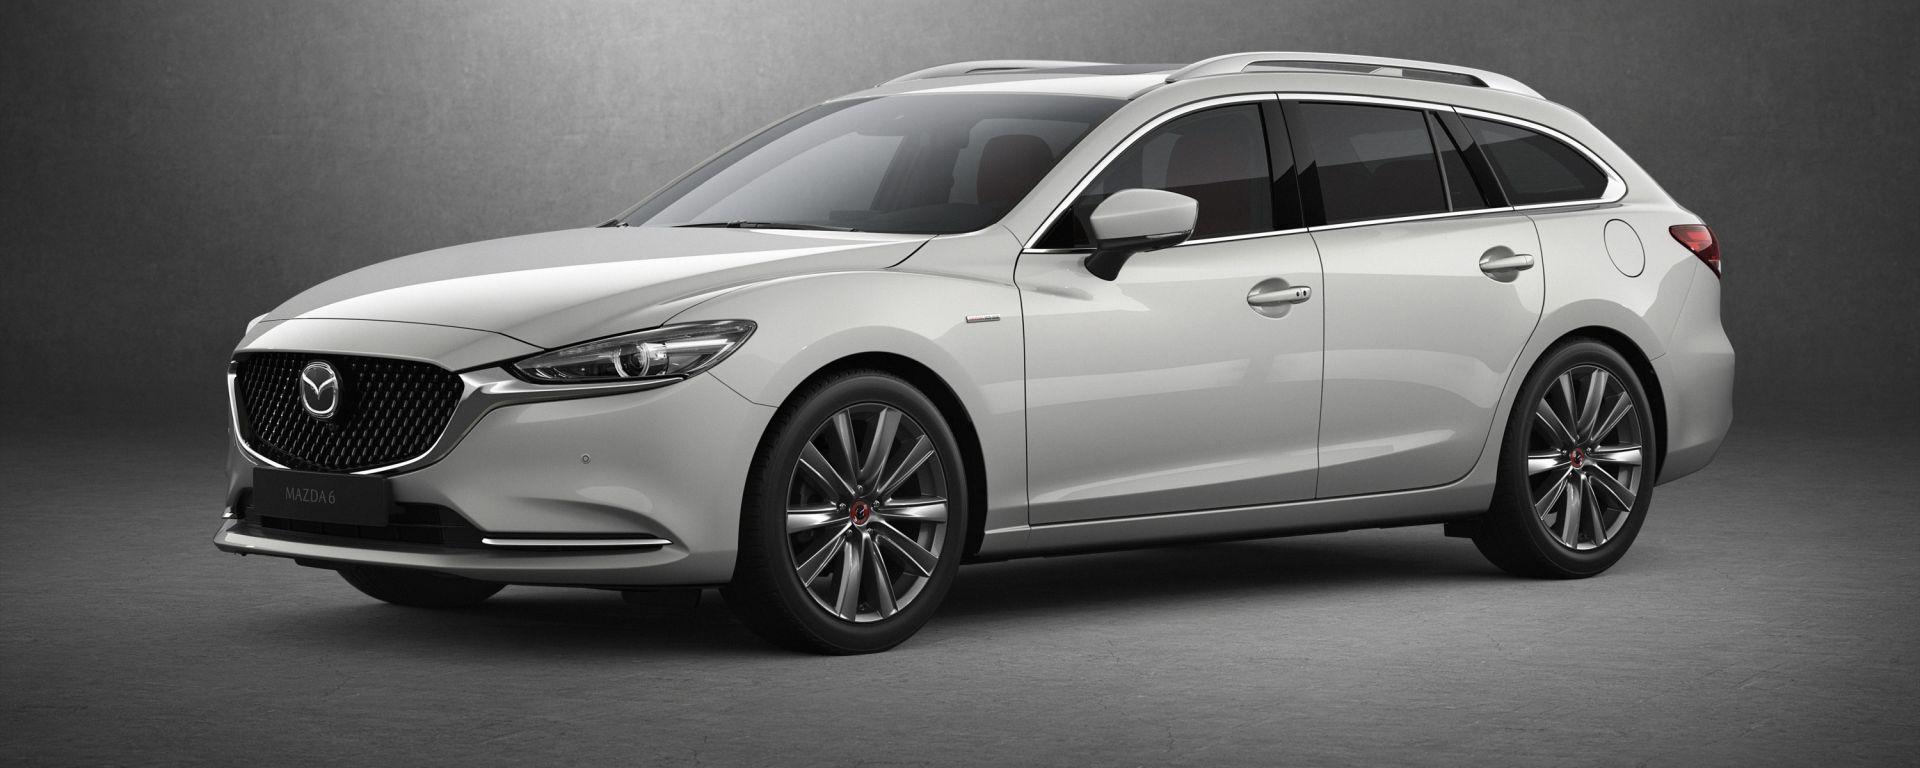 Mazda6 Wagon 2021, edizione 100th Anniversary